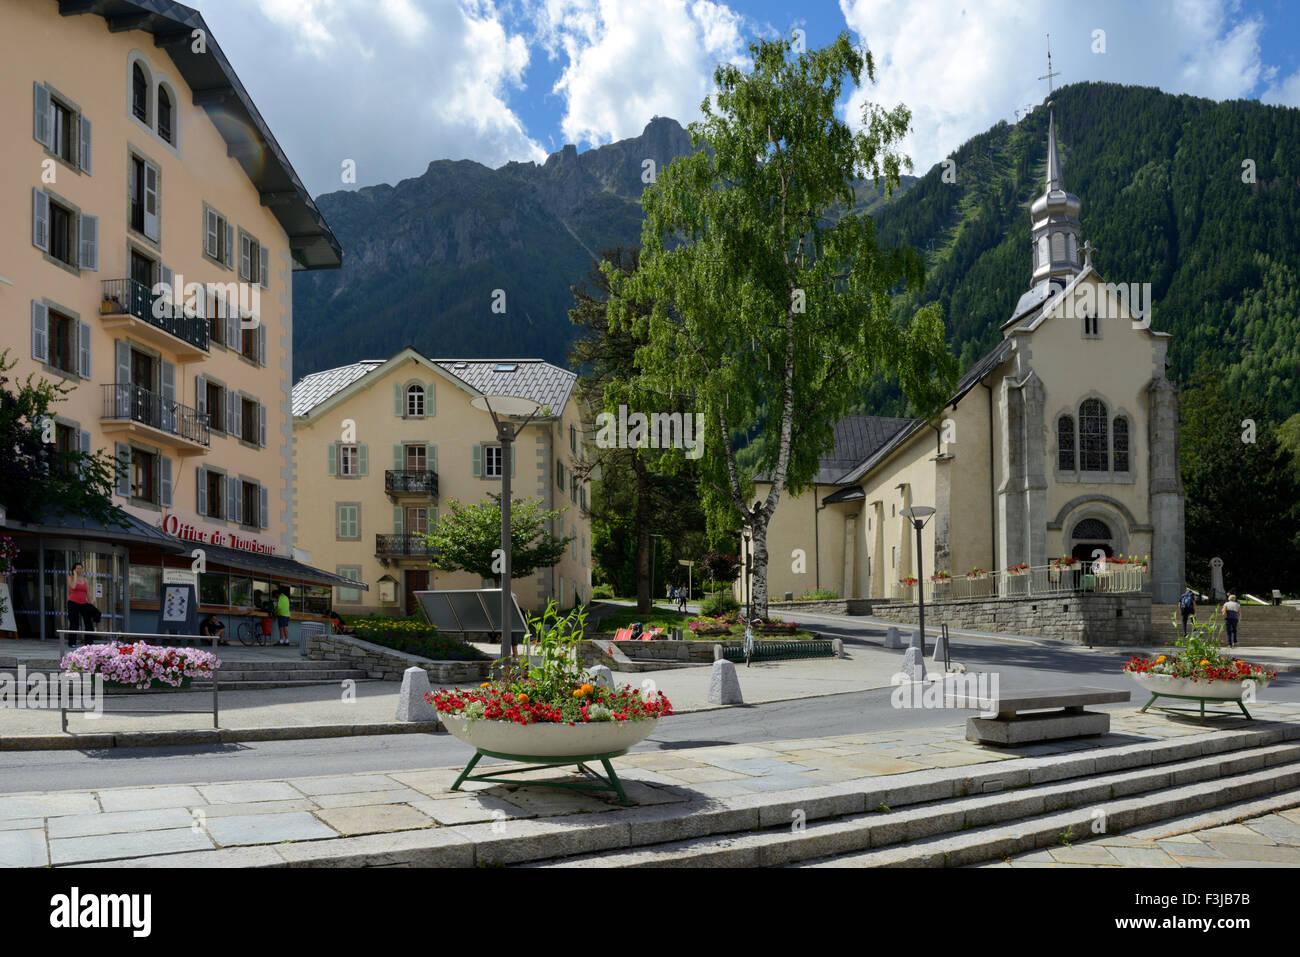 Office du tourisme chamonix mont blanc - Office de tourisme chamonix mont blanc ...